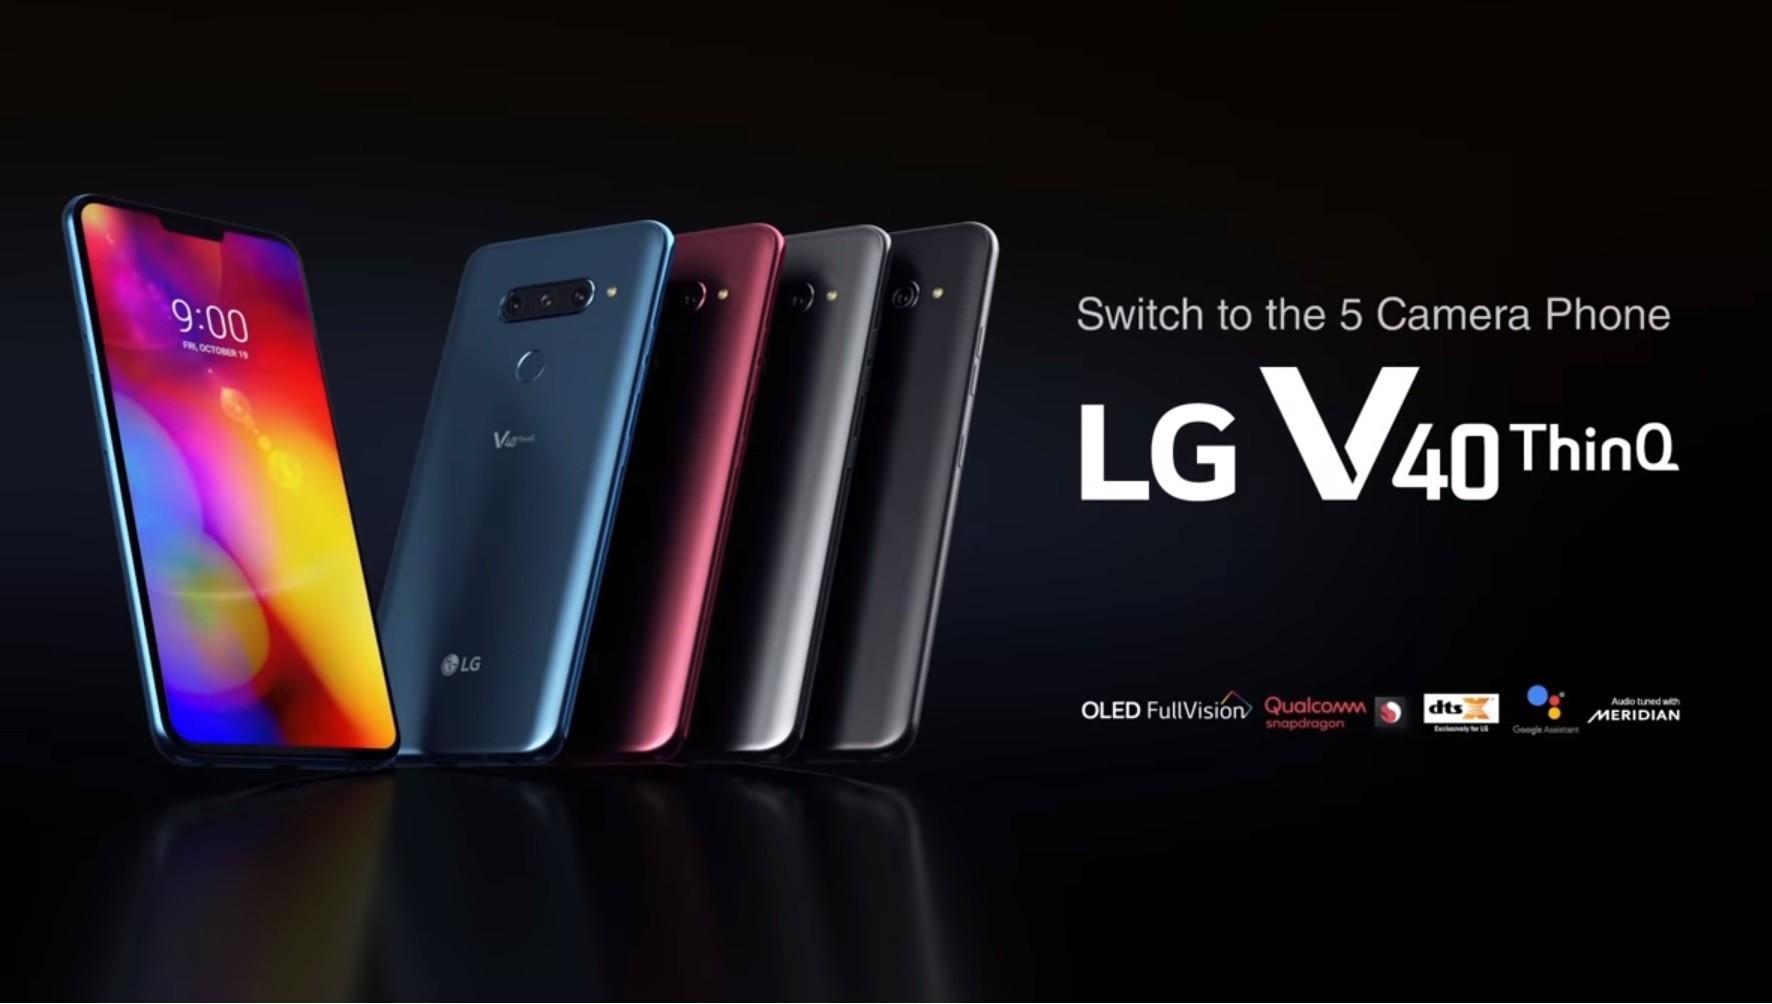 LG V40 THINQ_PRODUCT